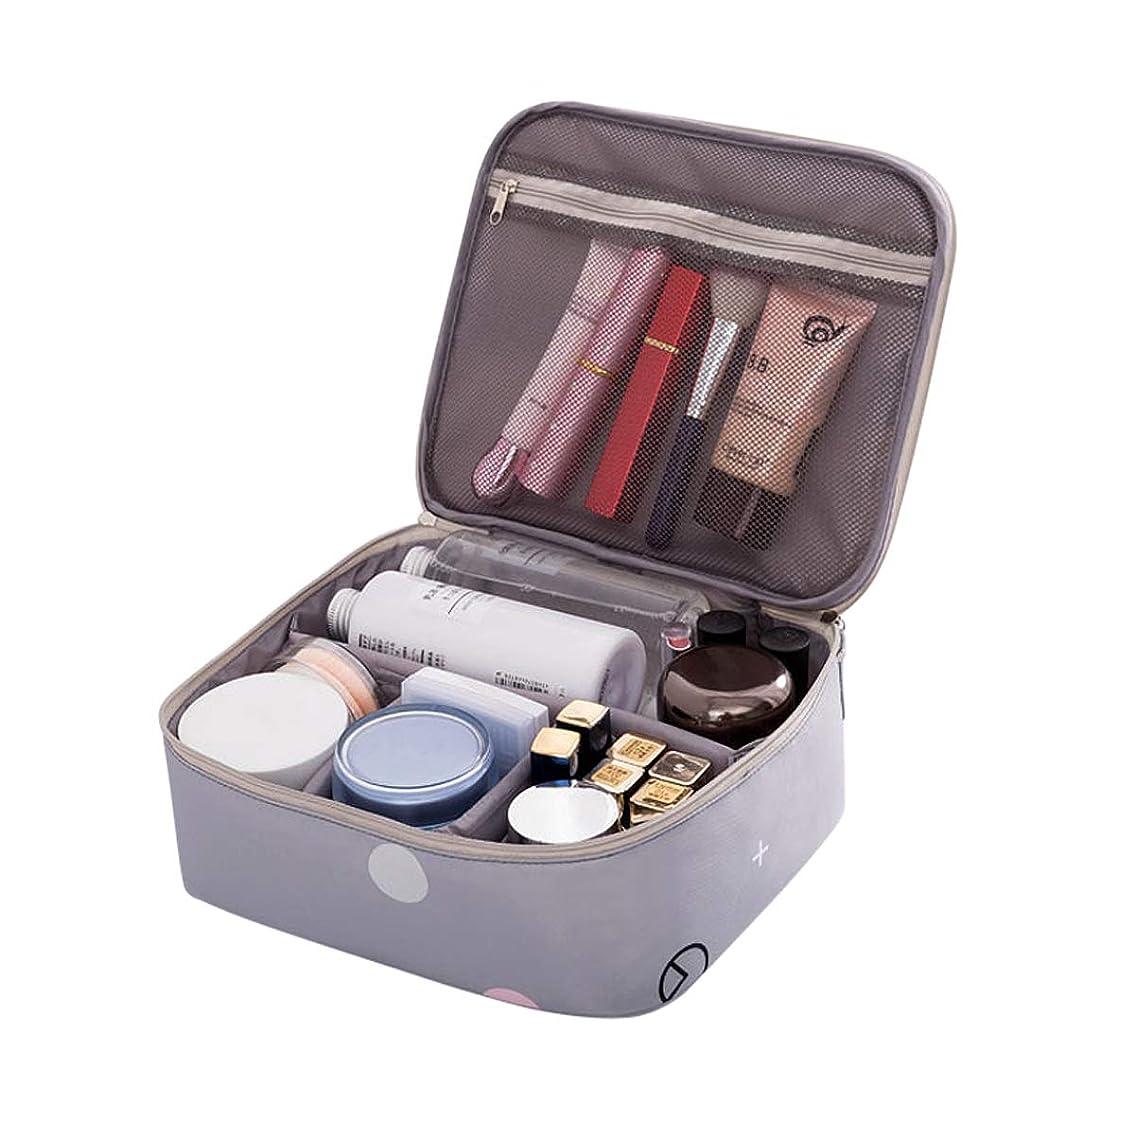 難民明確なバックCoolzon化粧ポーチ 防水 機能的 大容量 化粧バッグ 軽量 化粧品収納 メイクボックス 折畳式 可愛い 旅行 出張( グレー)